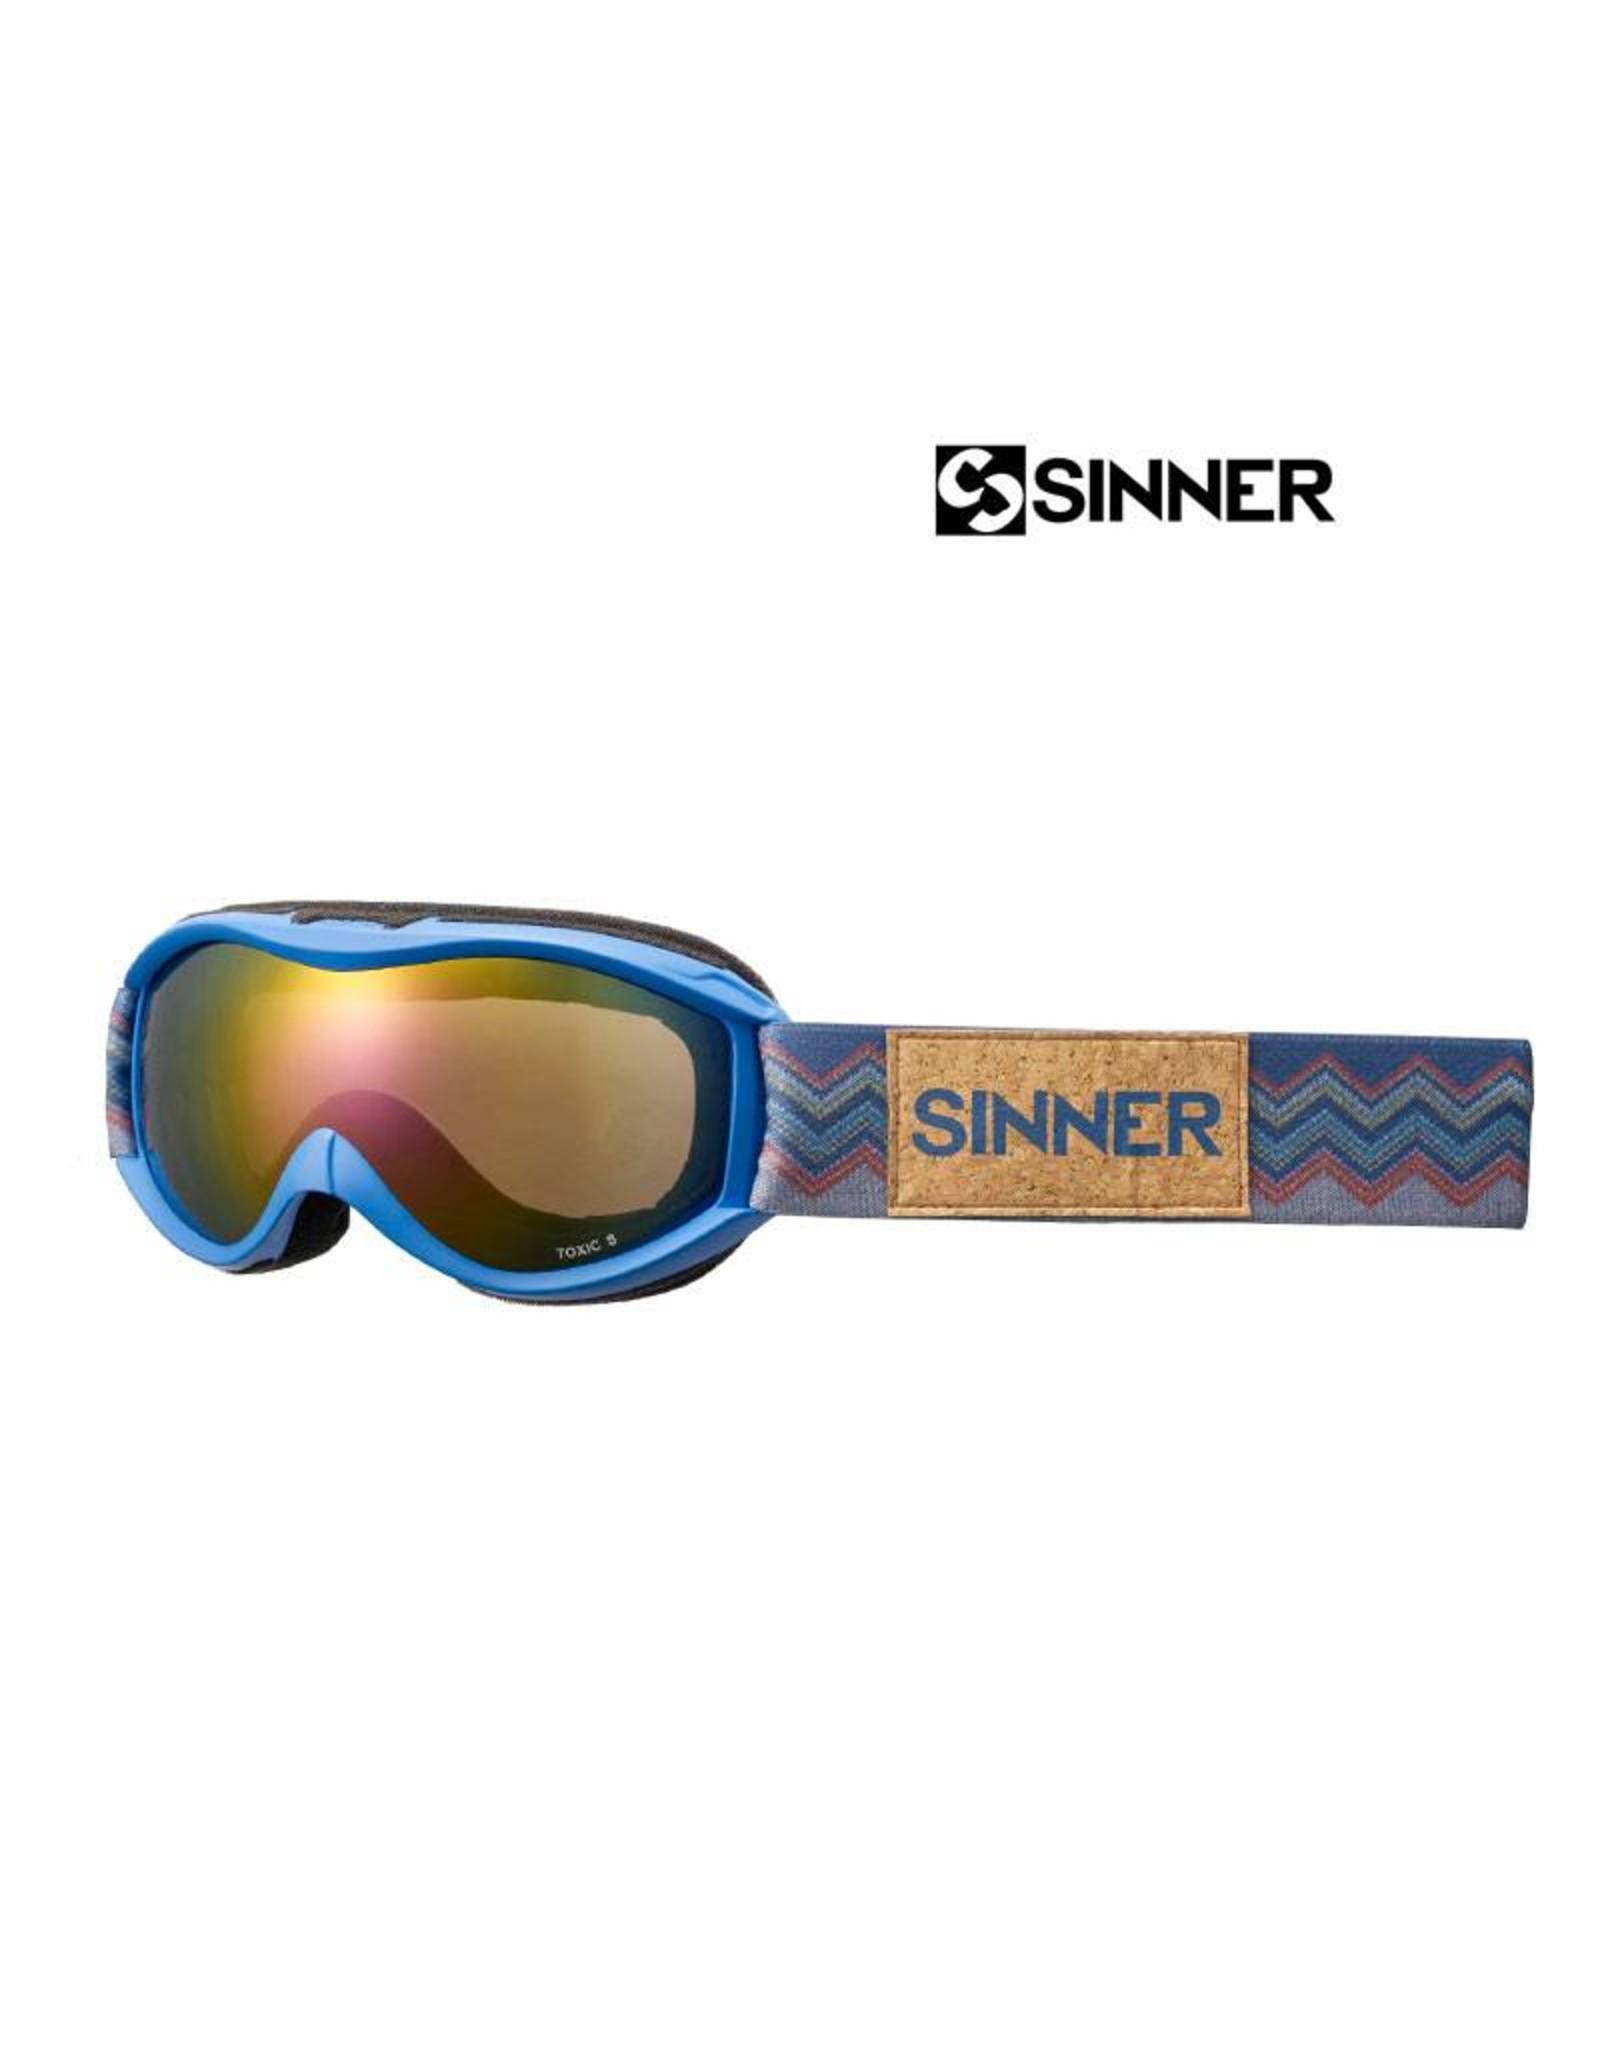 SINNER SKIBRIL SINNER TOXIC S Mat Bright Blue Jr.